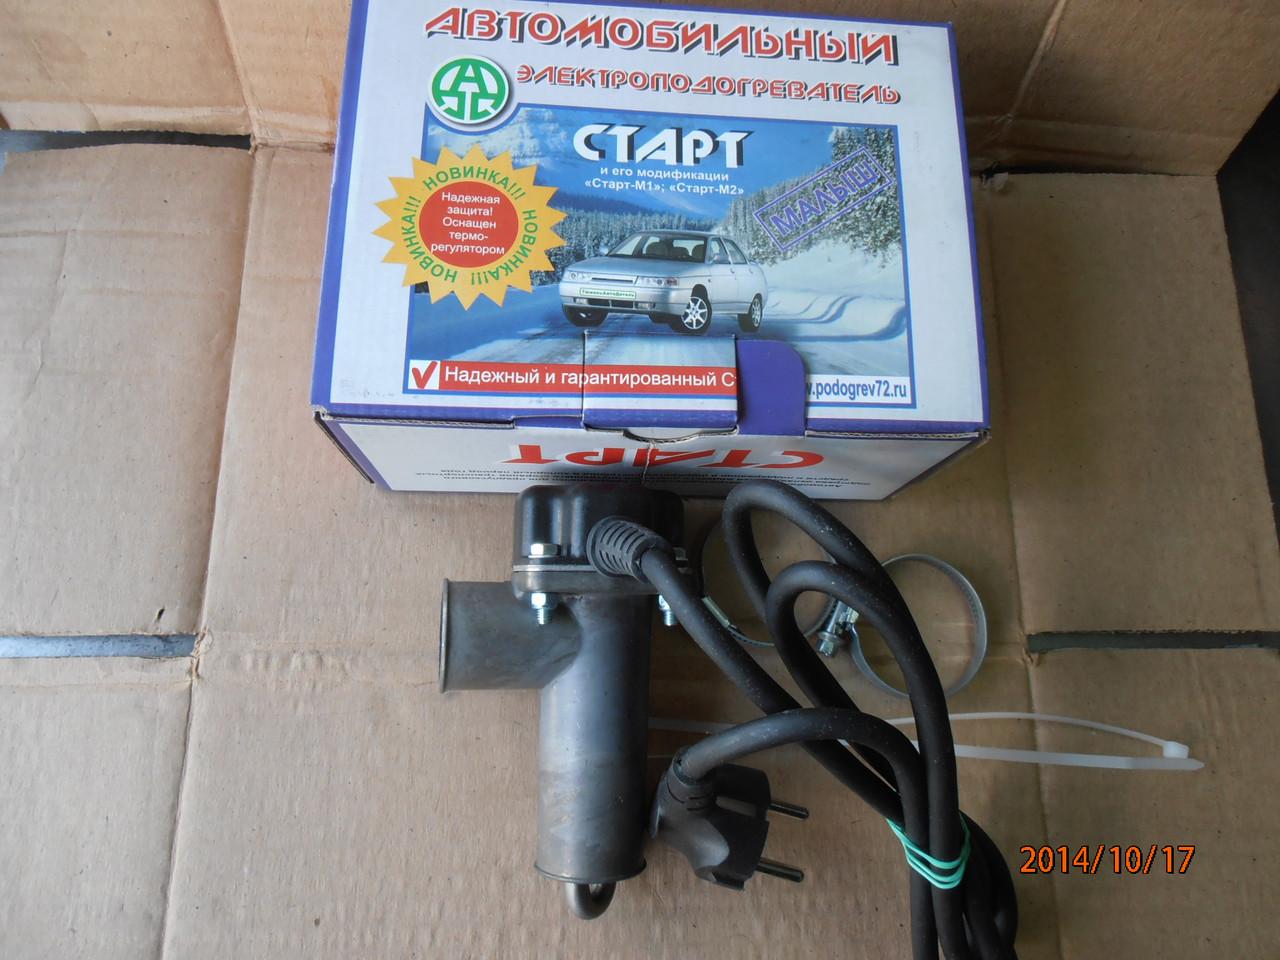 Предпусковой подогреватель малокиловатный (0,6КВТ) для авто семейства ВАЗ